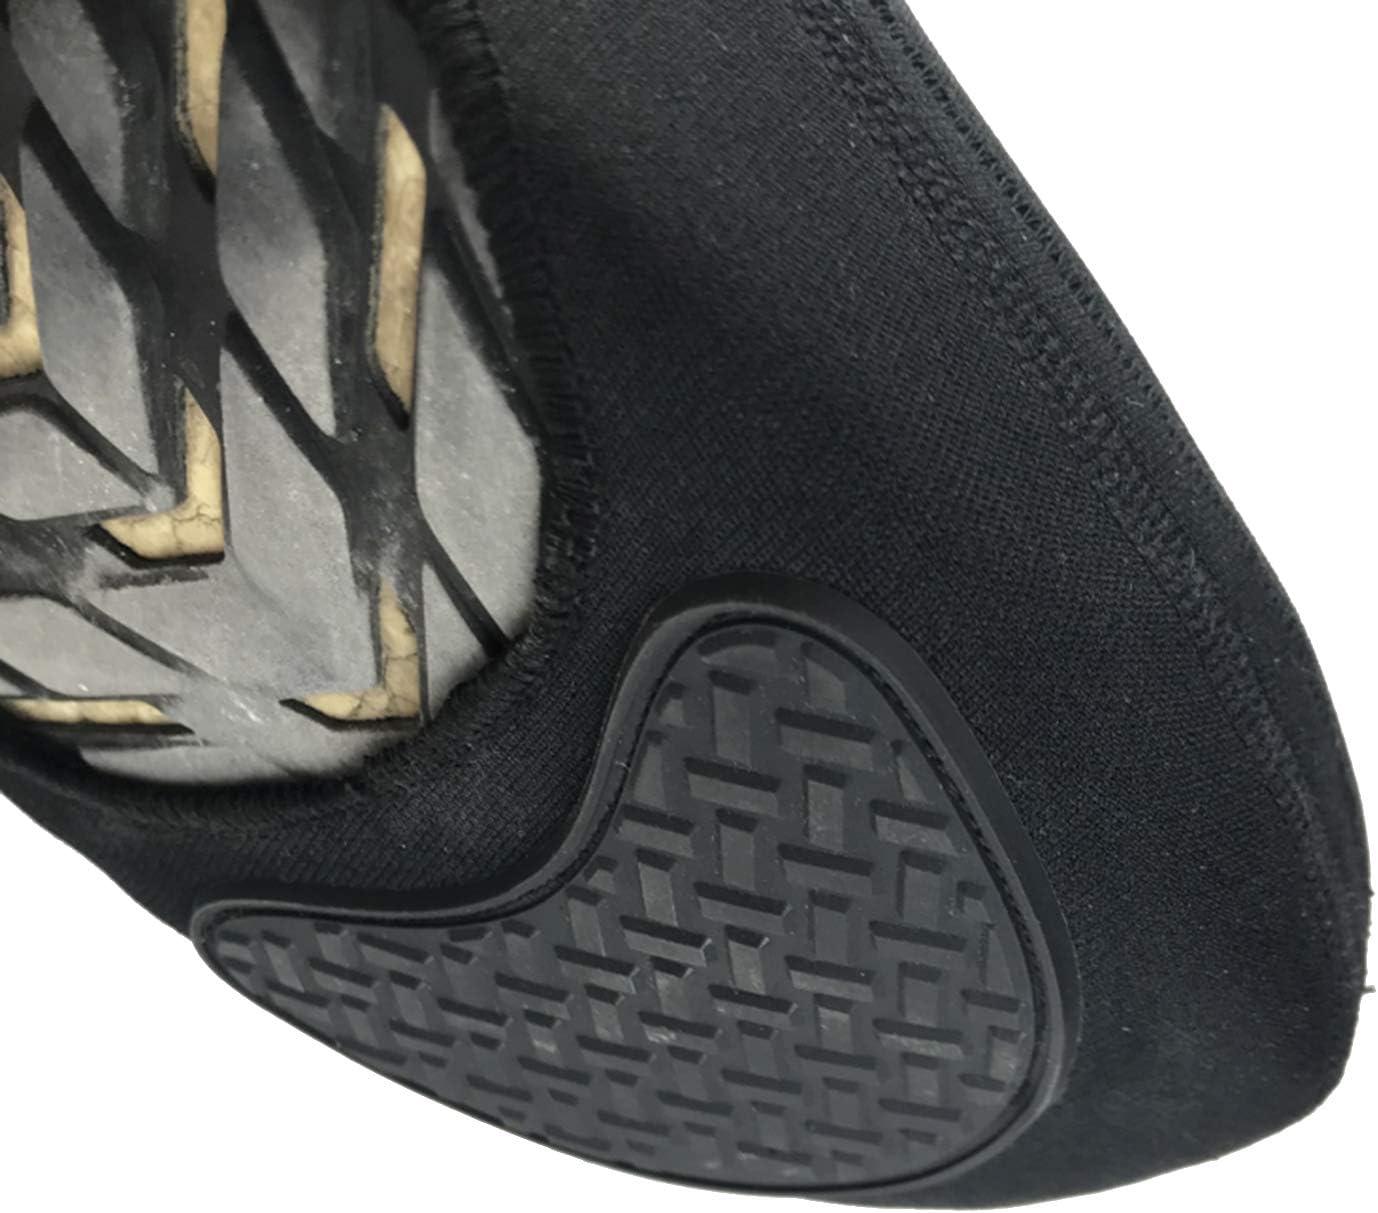 KKmoon Copertura Scarpa Protezione del Cambio per Moto Copri Scarpe per Stivali da Moto Salvascarpe Moto